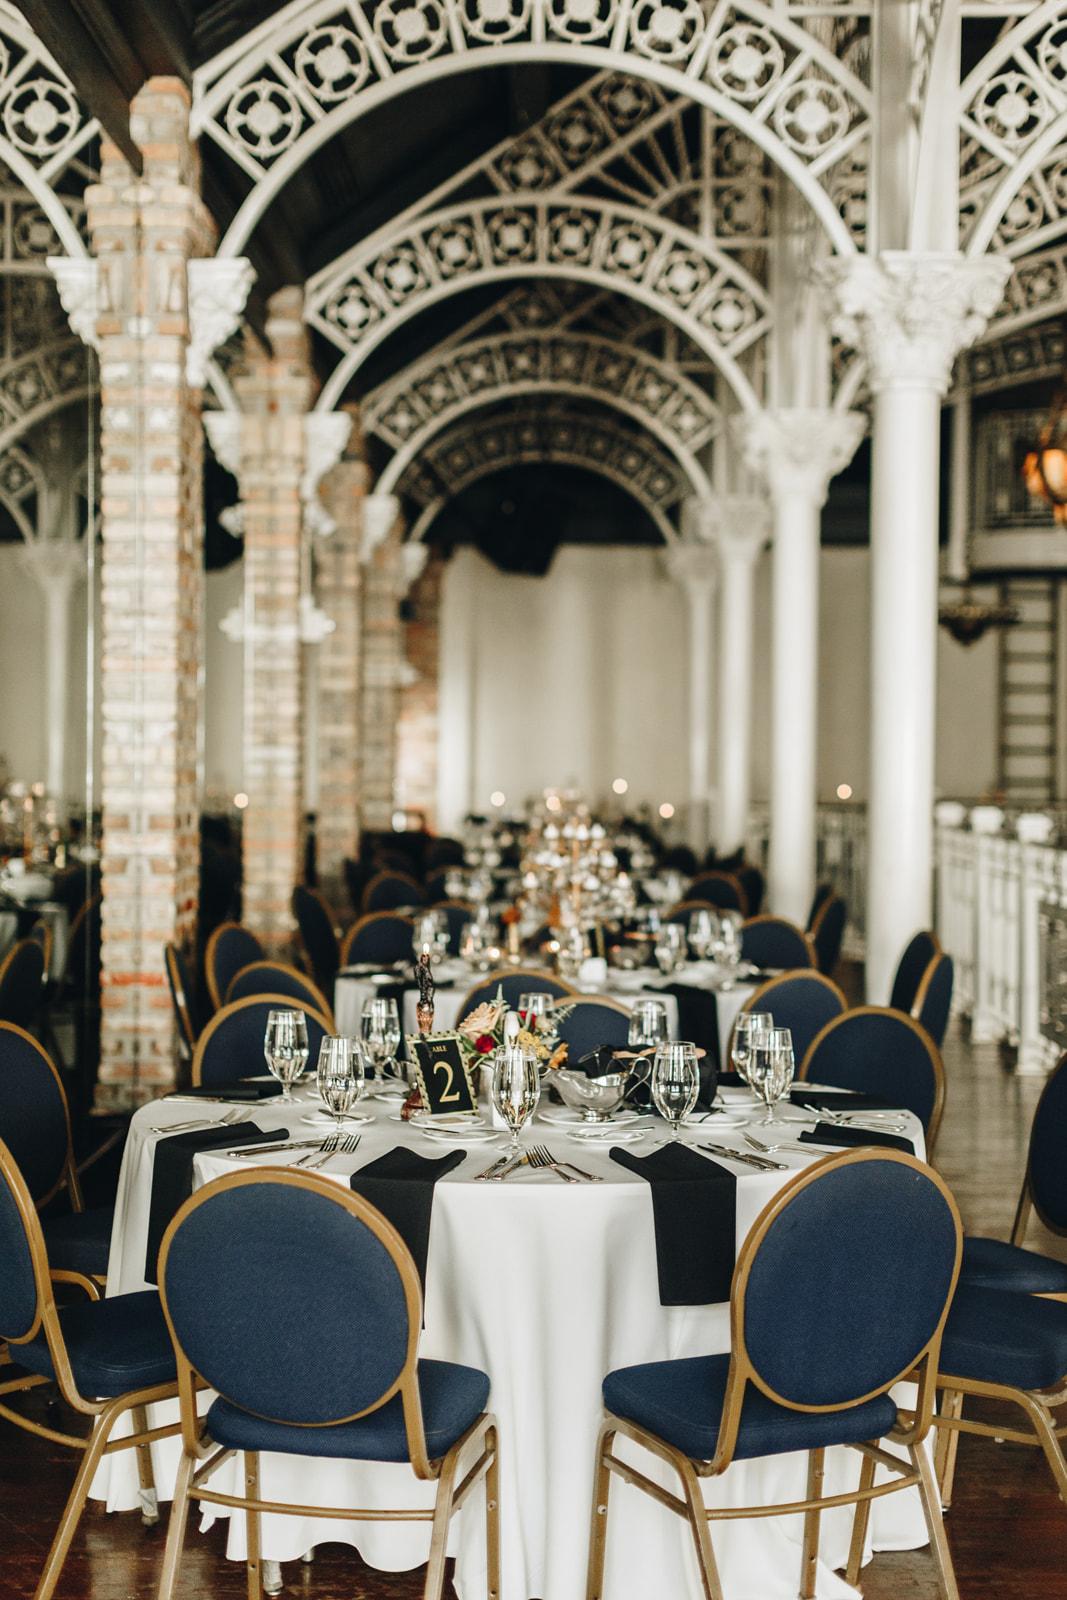 downtown orlando decor wedding reception at orchid garden